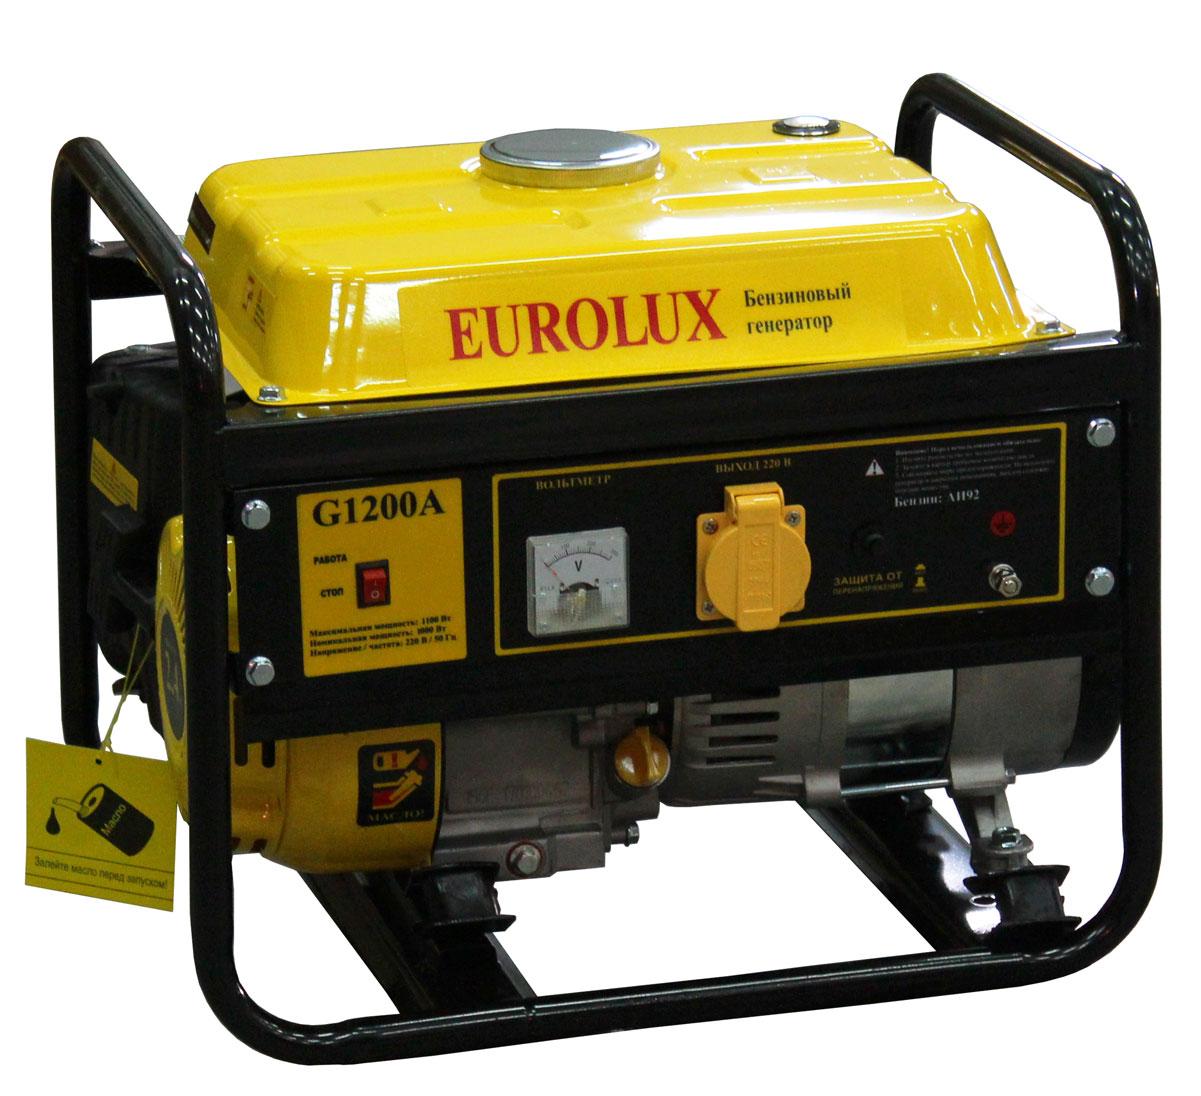 Электрогенератор Eurolux G1200A64/1/35Номинальная мощность - 1000 ВтМаксимальная мощность - 1200 ВтЧастота - 50 ГцВыходное напряжение - 220 ВУровень шума - 75 дБ (А)Расход топлива - 450 г/кВтчЁмкость бензобака - 6000 мл